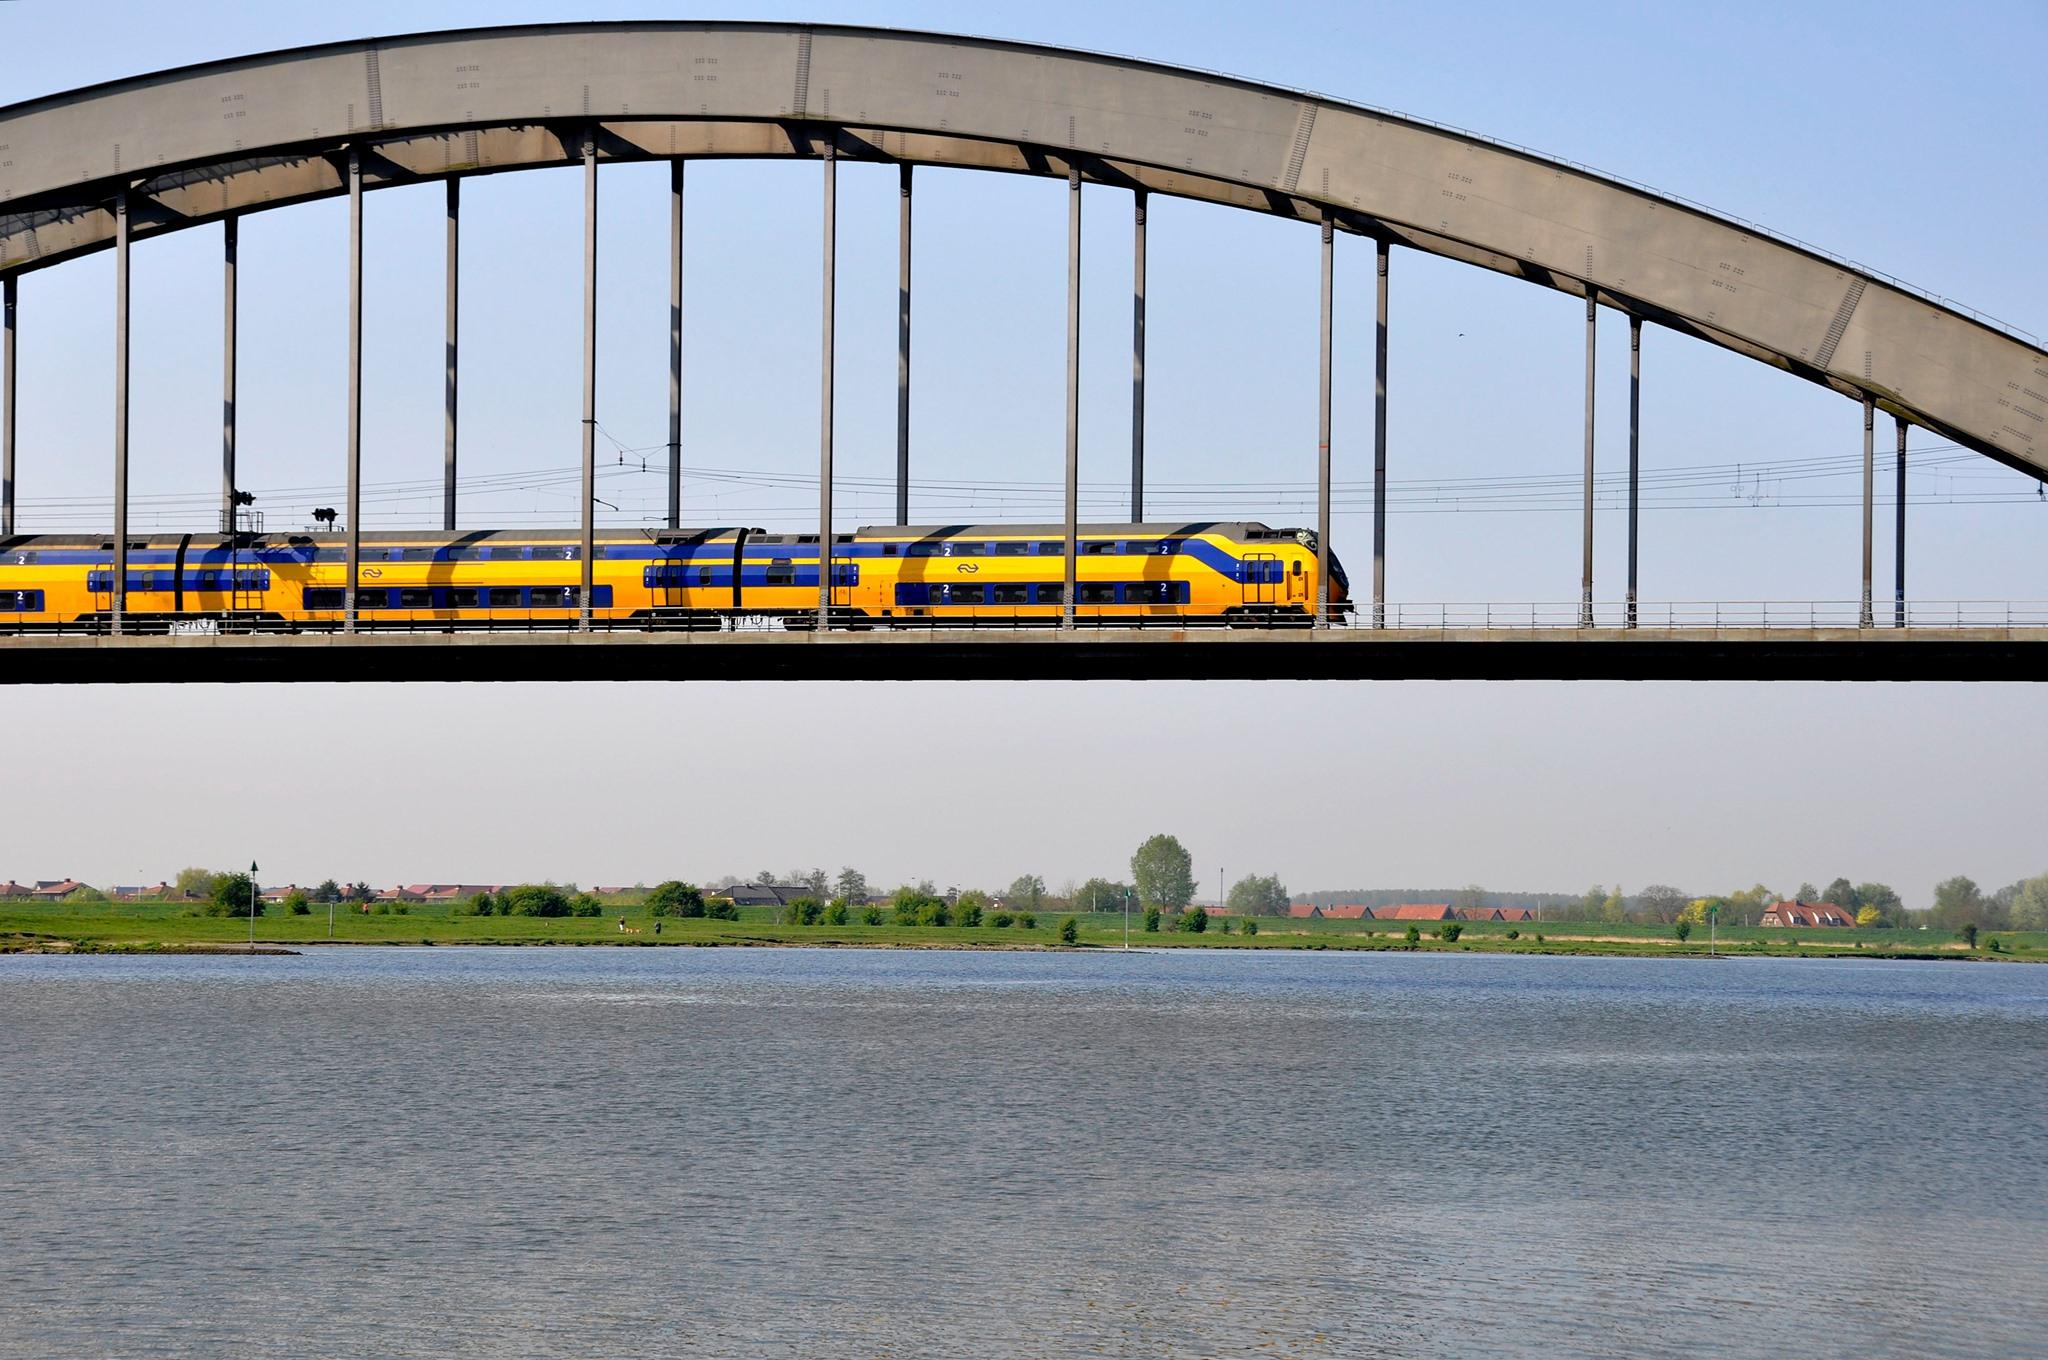 nederlandse spoorwegen-gallery